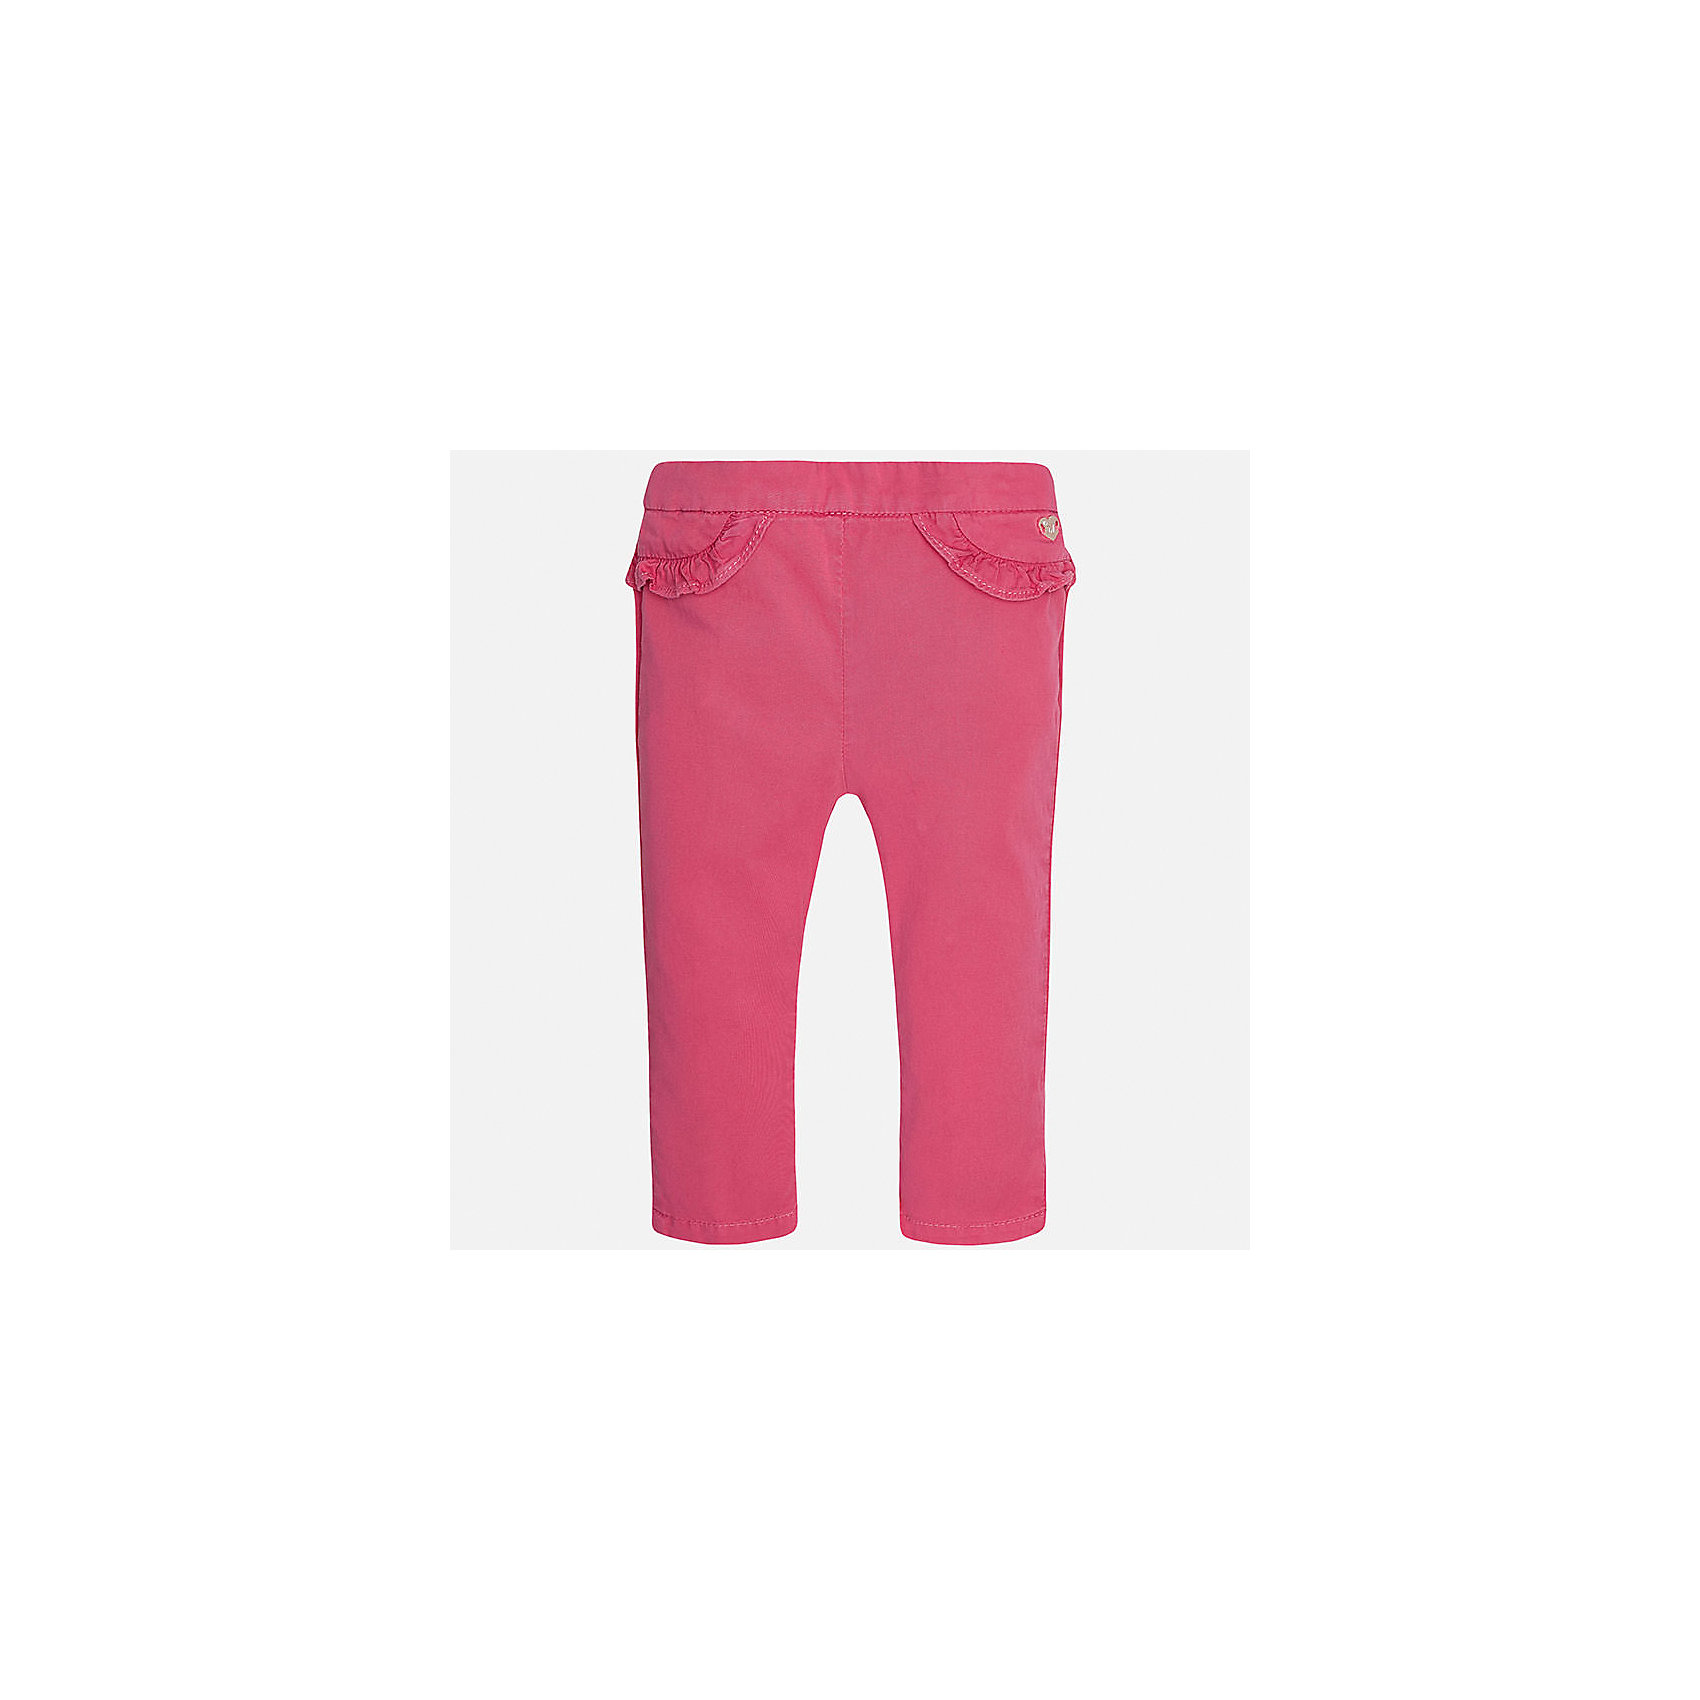 Брюки для девочки MayoralБрюки<br>Характеристики товара:<br><br>• цвет: розовый<br>• состав: 98% хлопок, 2% эластан<br>• оборки возле на талии<br>• логотип<br>• интересный крой<br>• яркий цвет<br>• страна бренда: Испания<br><br>Модные оригинальные брюки для девочки смогут разнообразить гардероб ребенка и украсить наряд. Они отлично сочетаются с майками, футболками, блузками. Красивый оттенок позволяет подобрать к вещи верх разных расцветок. Интересный крой модели делает её нарядной и оригинальной. <br><br>Одежда, обувь и аксессуары от испанского бренда Mayoral полюбились детям и взрослым по всему миру. Модели этой марки - стильные и удобные. Для их производства используются только безопасные, качественные материалы и фурнитура. Порадуйте ребенка модными и красивыми вещами от Mayoral! <br><br>Брюки для девочки от испанского бренда Mayoral (Майорал) можно купить в нашем интернет-магазине.<br><br>Ширина мм: 215<br>Глубина мм: 88<br>Высота мм: 191<br>Вес г: 336<br>Цвет: розовый<br>Возраст от месяцев: 18<br>Возраст до месяцев: 24<br>Пол: Женский<br>Возраст: Детский<br>Размер: 92,74,80,86<br>SKU: 5288981